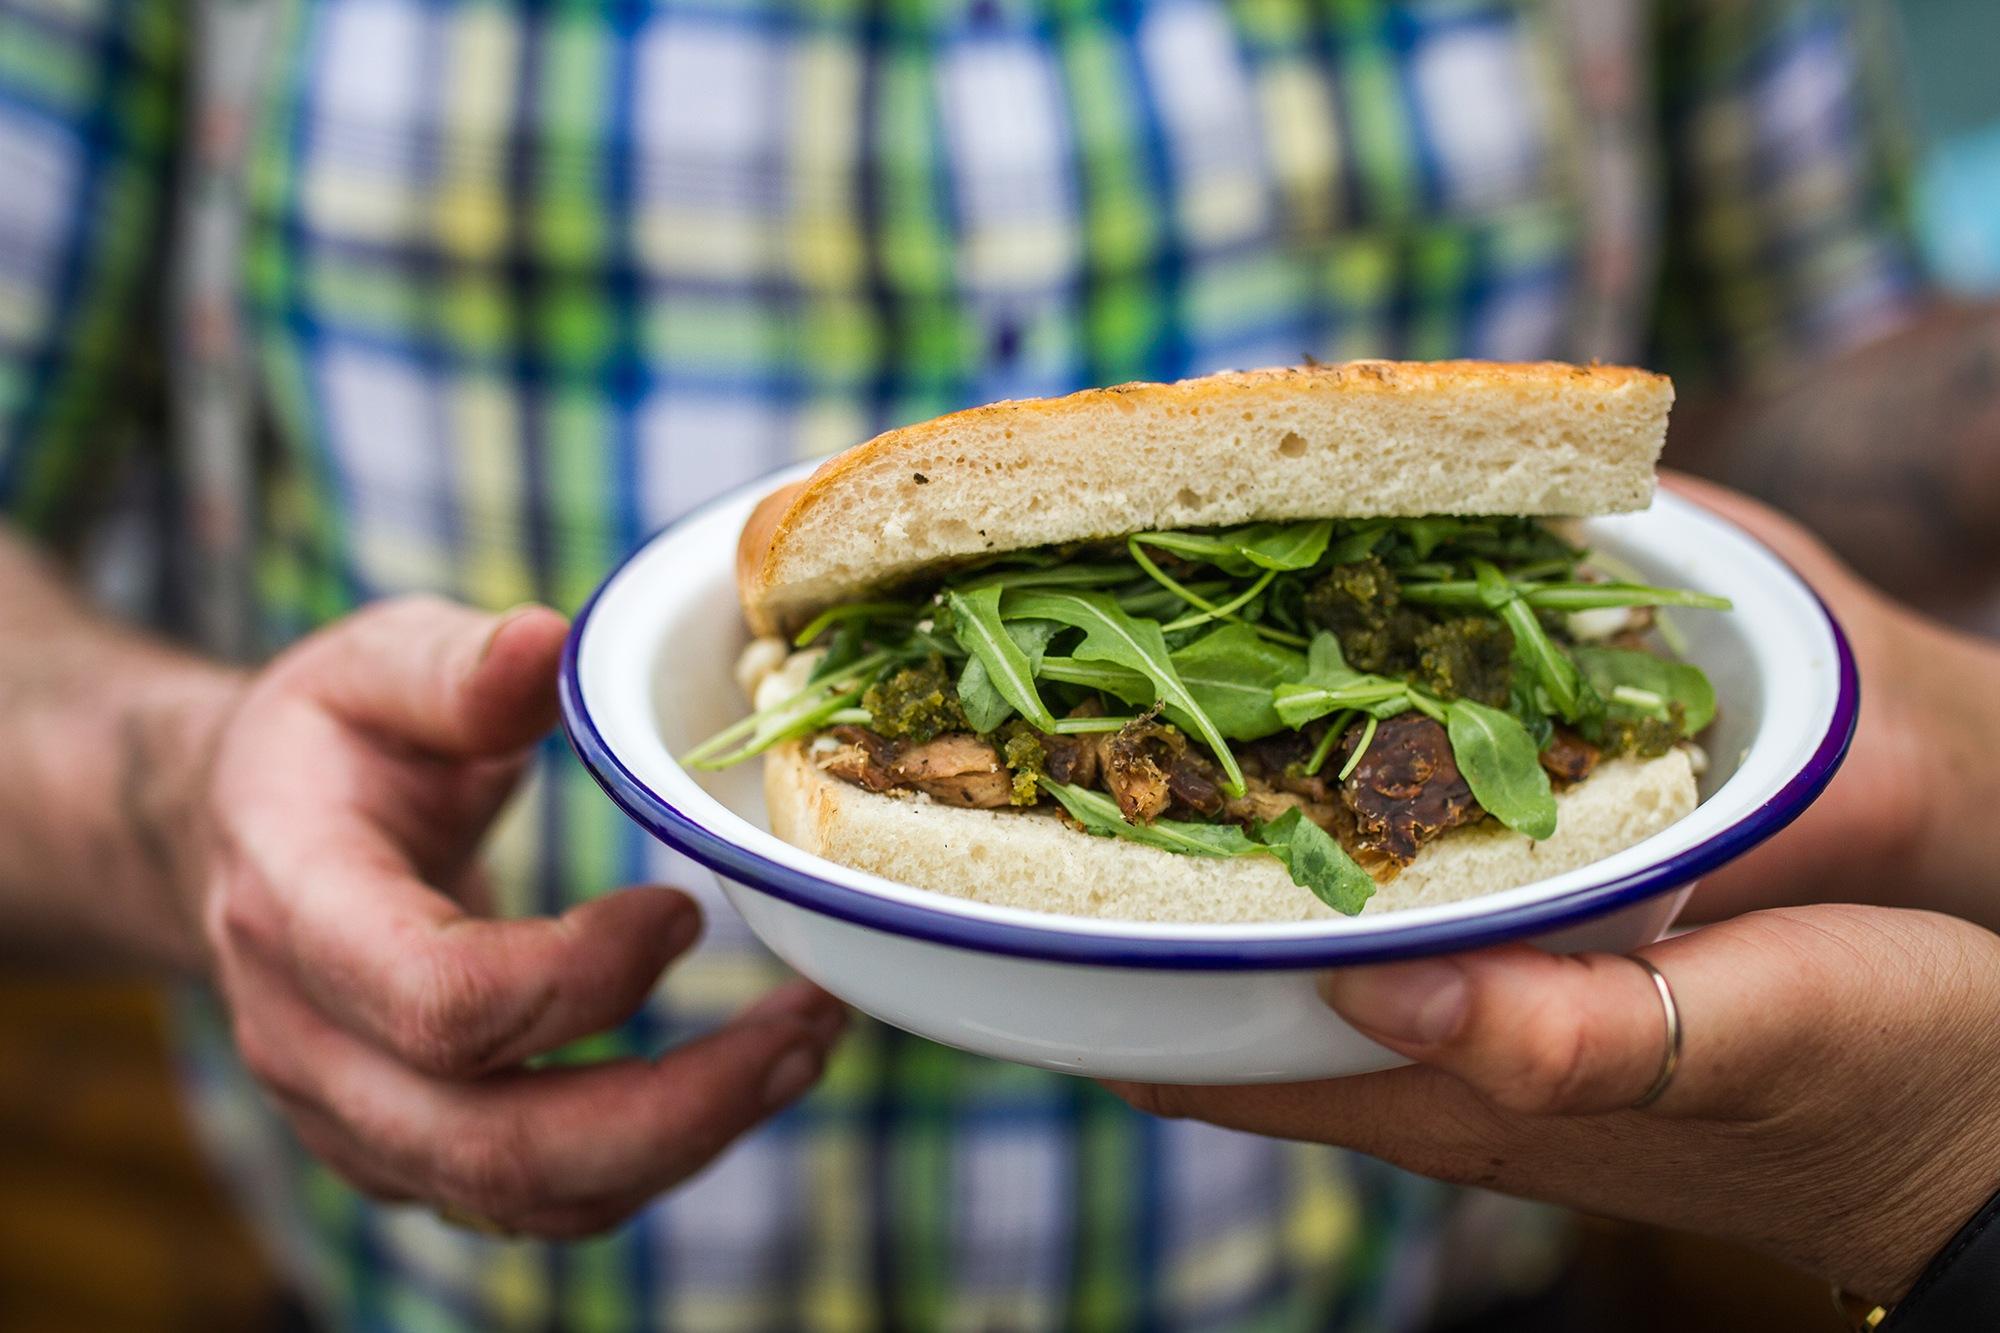 Street Food Vendor, Leeds Indie Food Festival